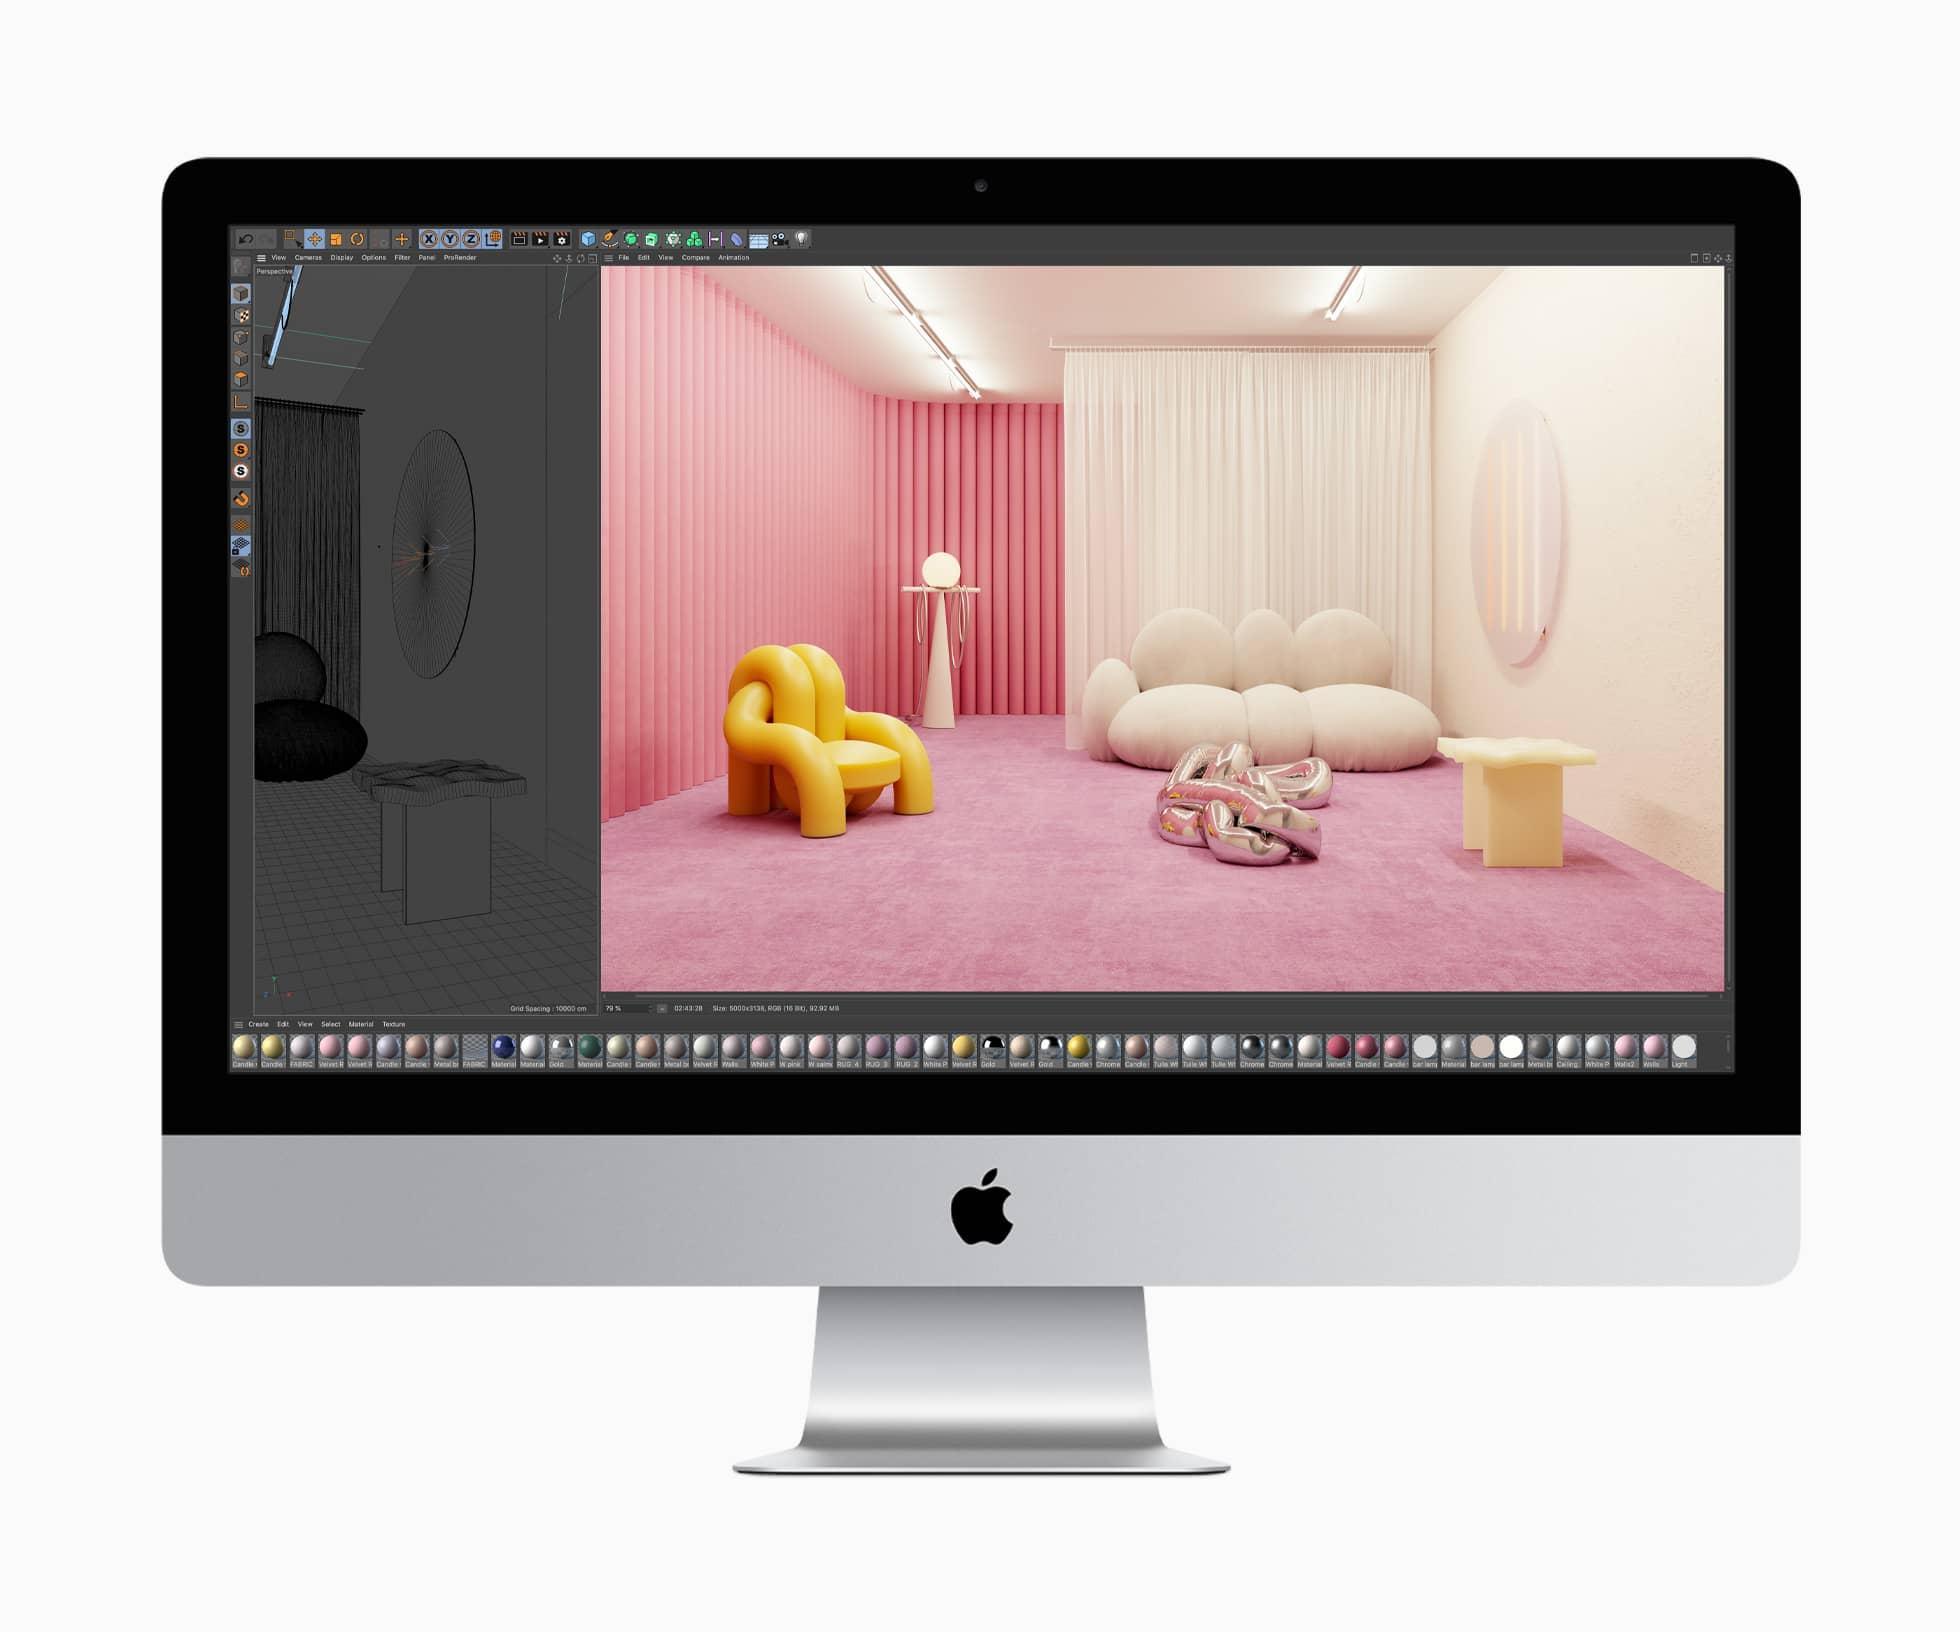 Apple imac macos cinema4d rendering 08042020